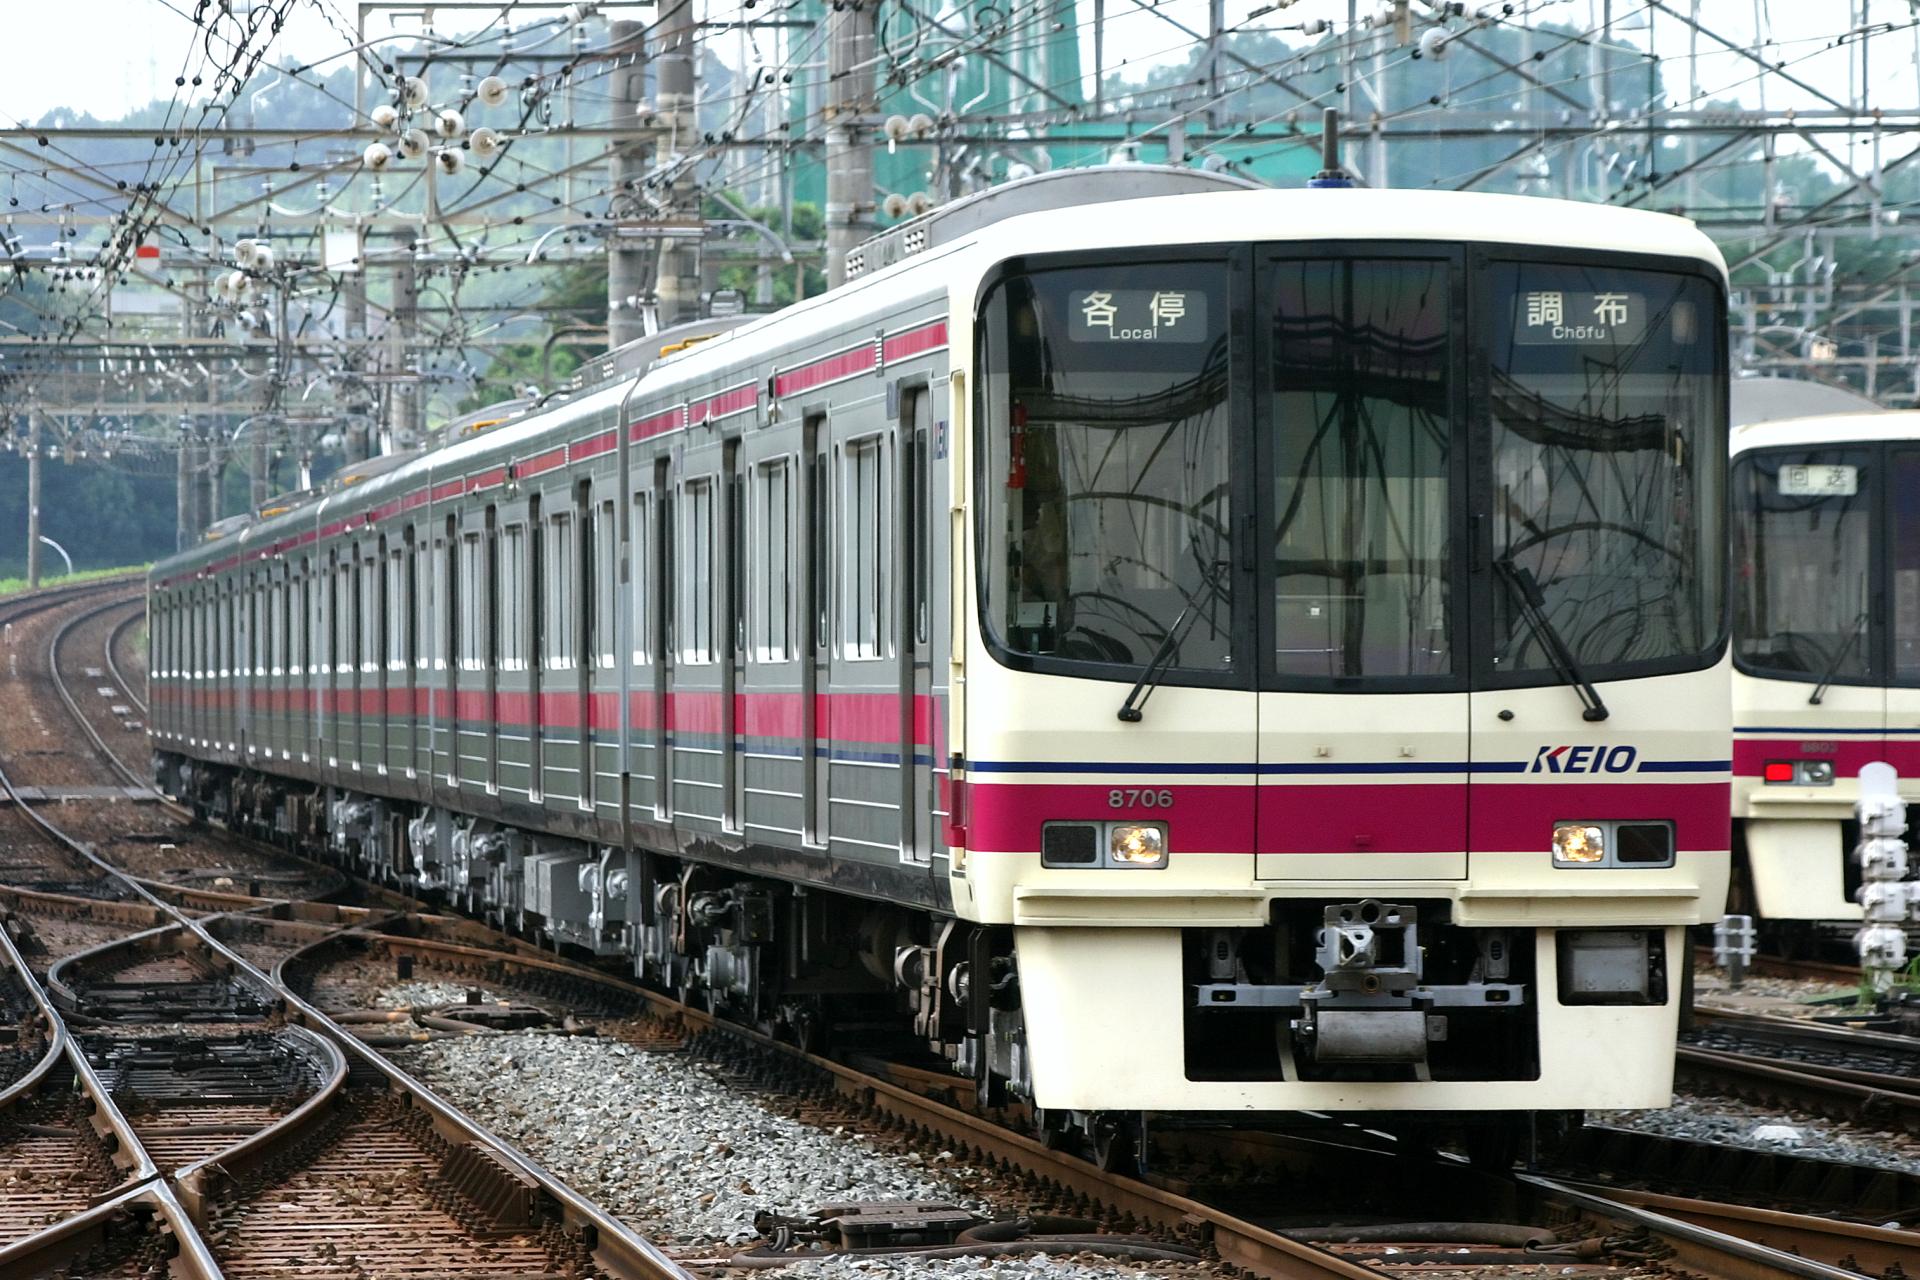 http://livedoor.blogimg.jp/odapedia/imgs/4/9/49fed04f.jpg